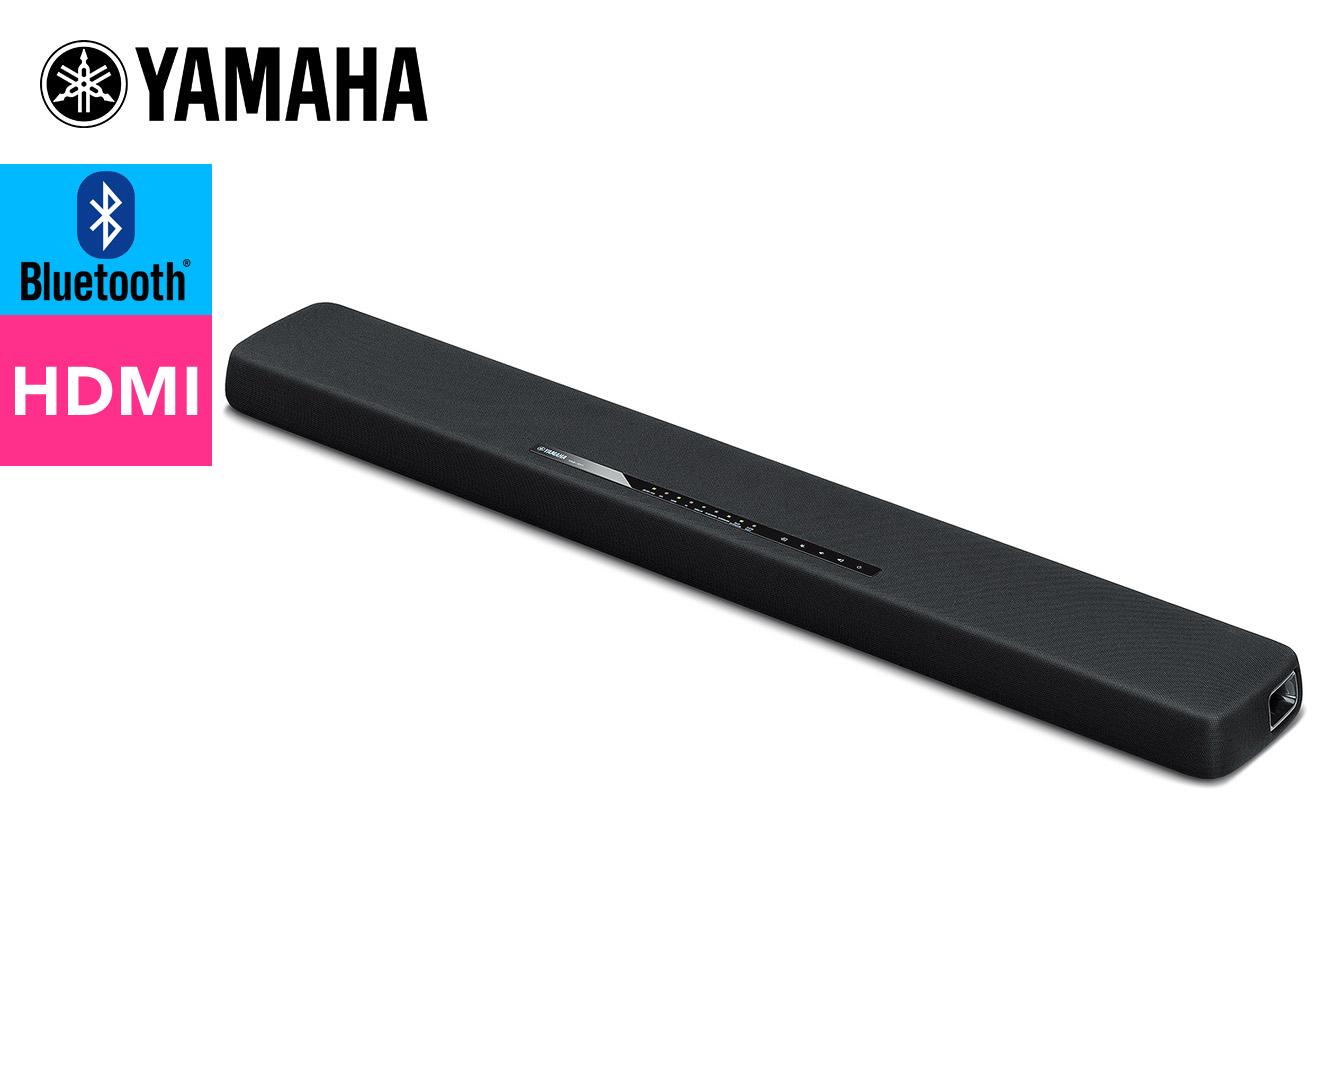 Yamaha ats1070b bluetooth soundbar black scoopon shopping for Yamaha ats 1030 soundbar review